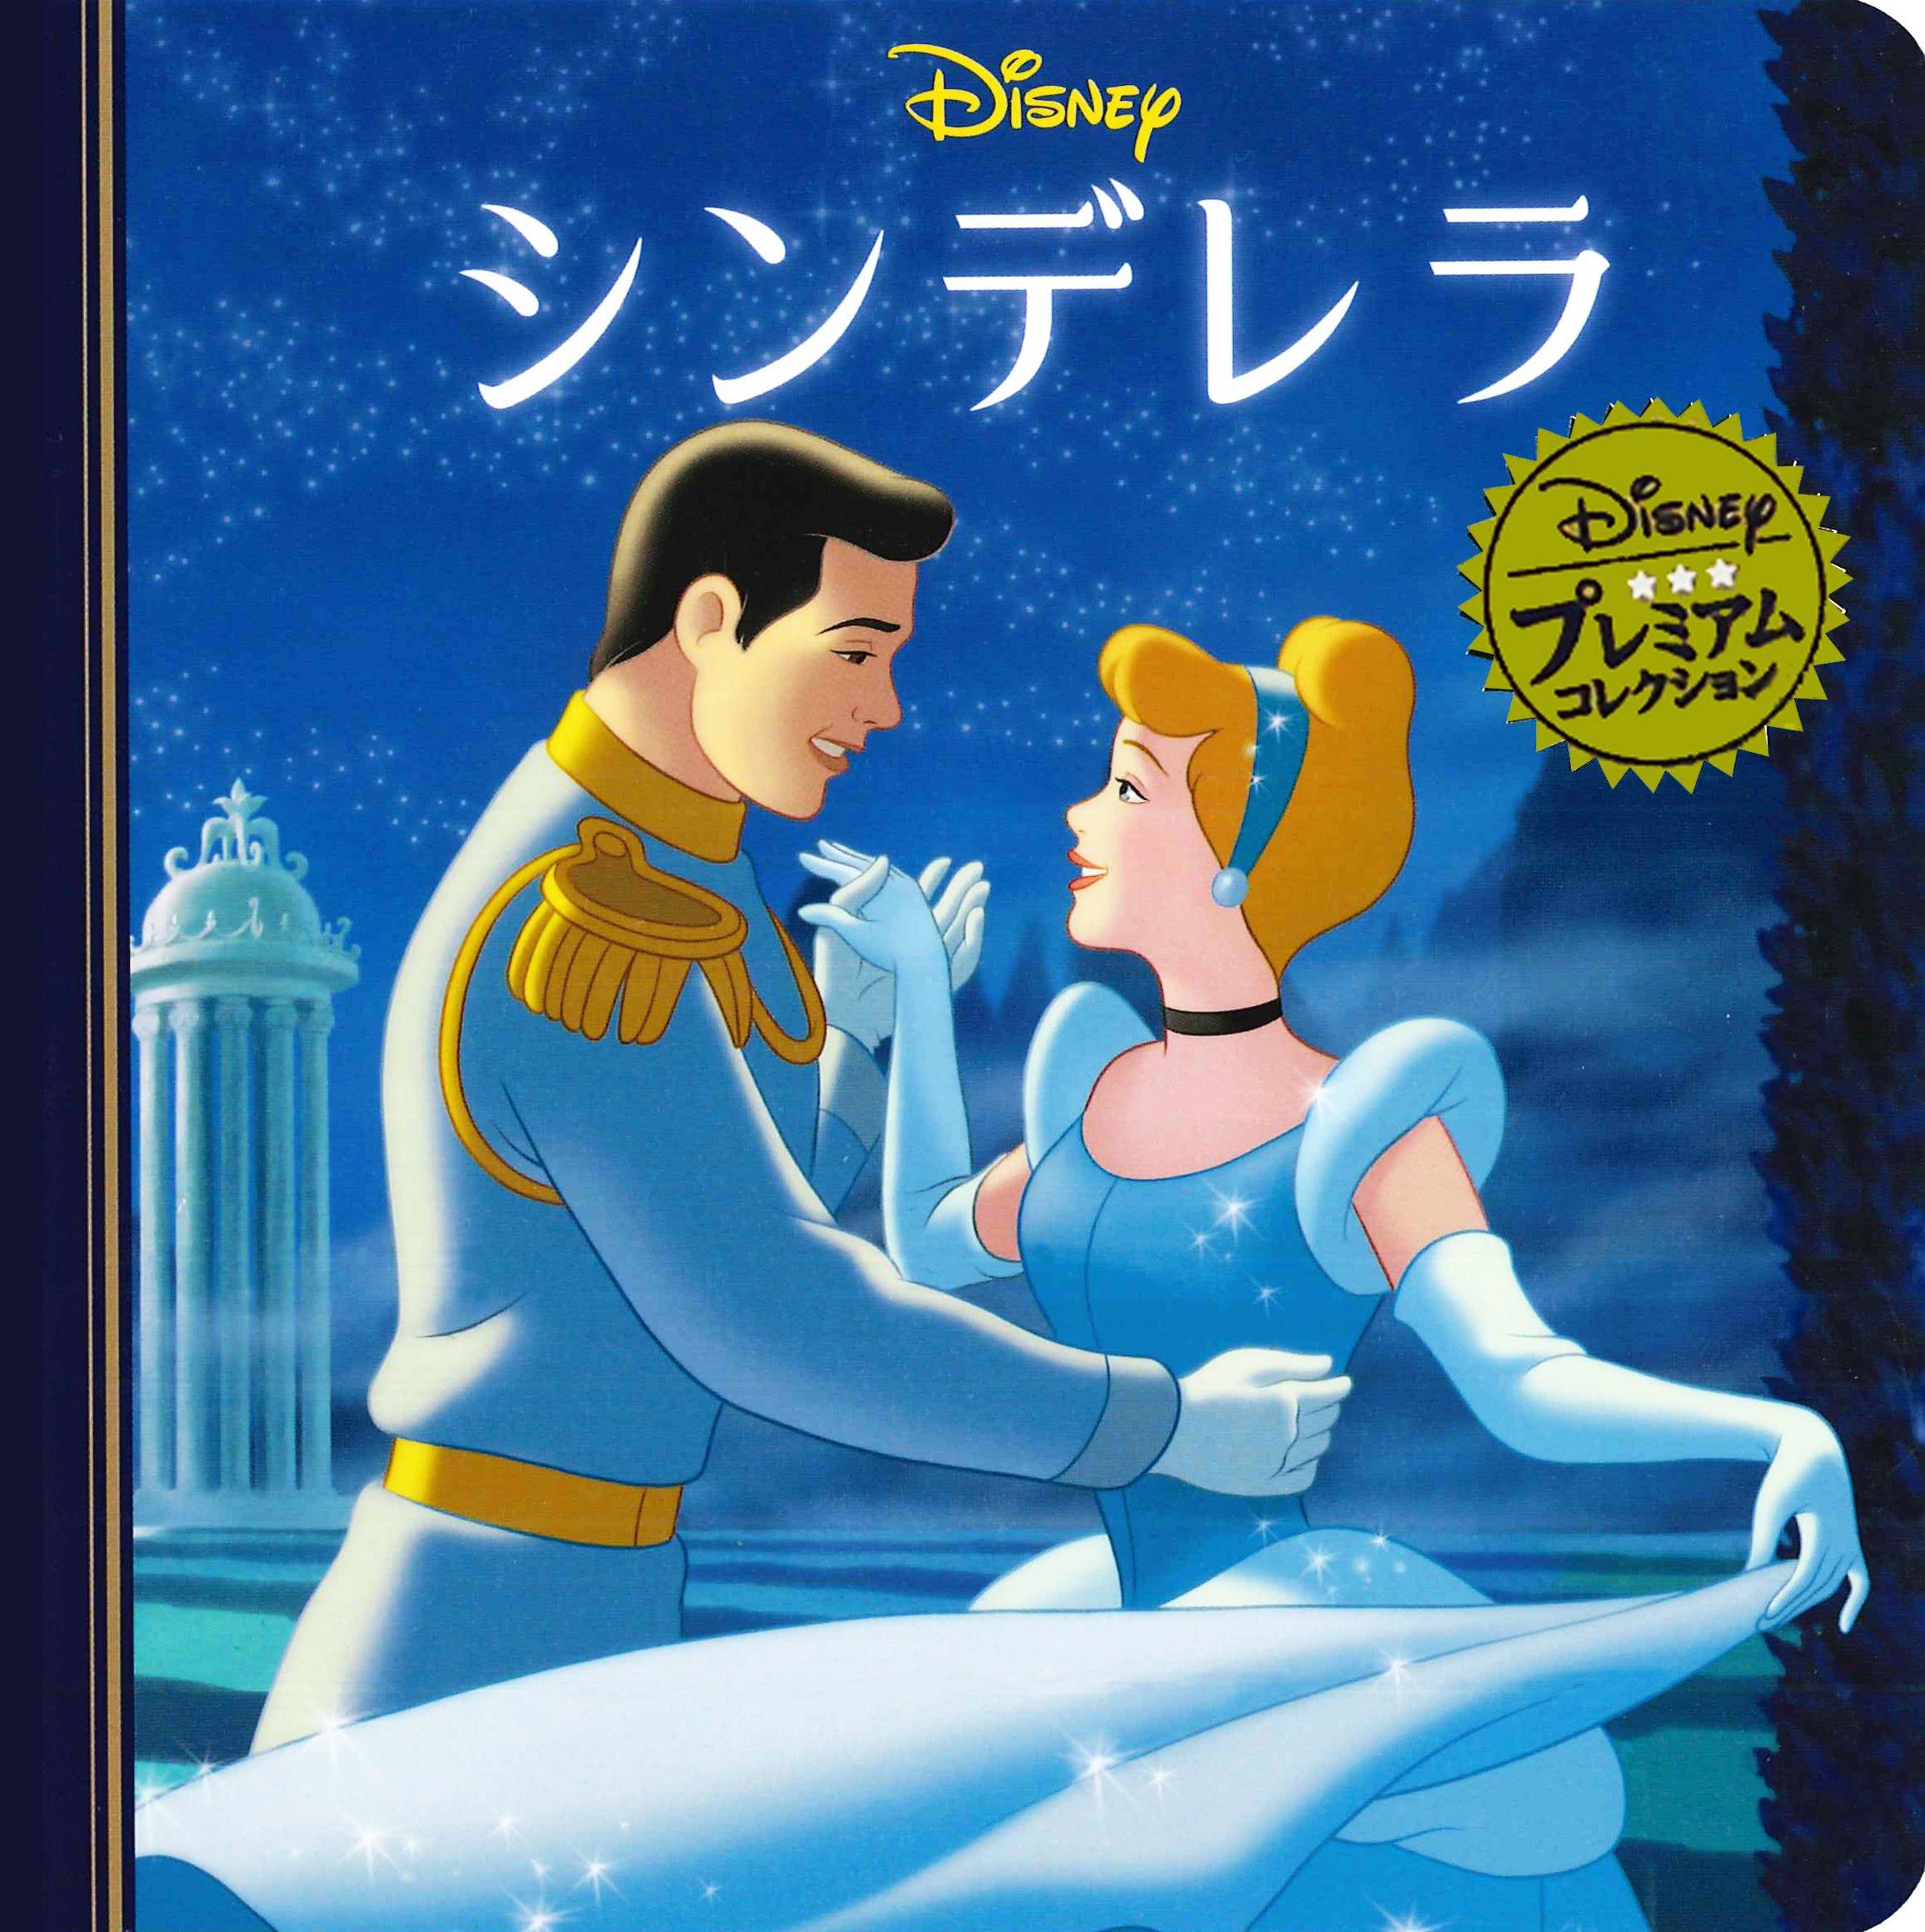 シンデレラ (ディズニー プレミアム・コレクション) | うさぎ出版 |本 ...